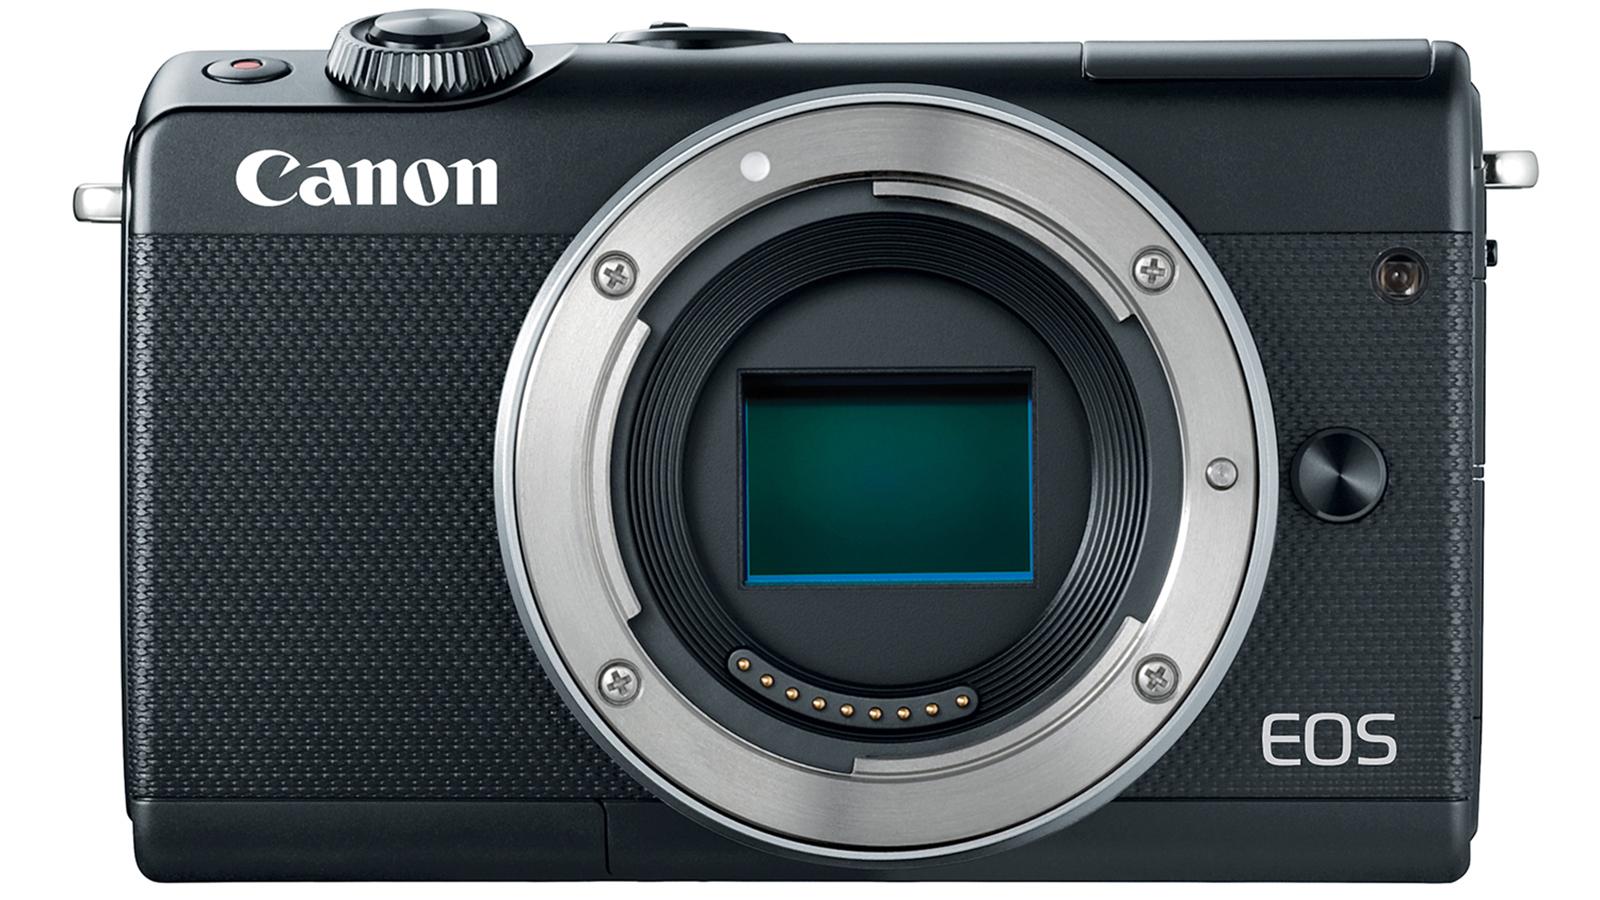 Kuumad kõlakad: Canonilt on 2018. aastal ilmumas täiskaadersensoriga hübriidkaamera